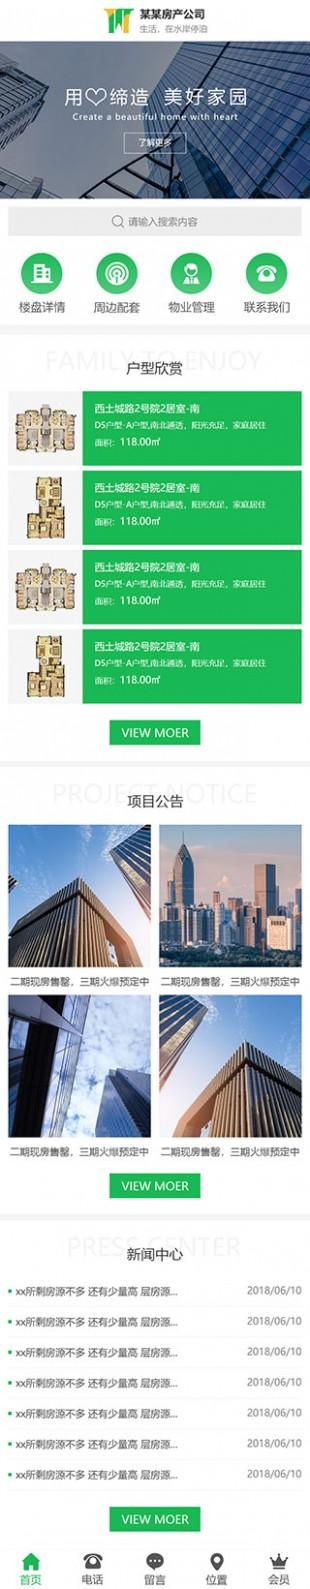 楼盘网站建设模板手机图片